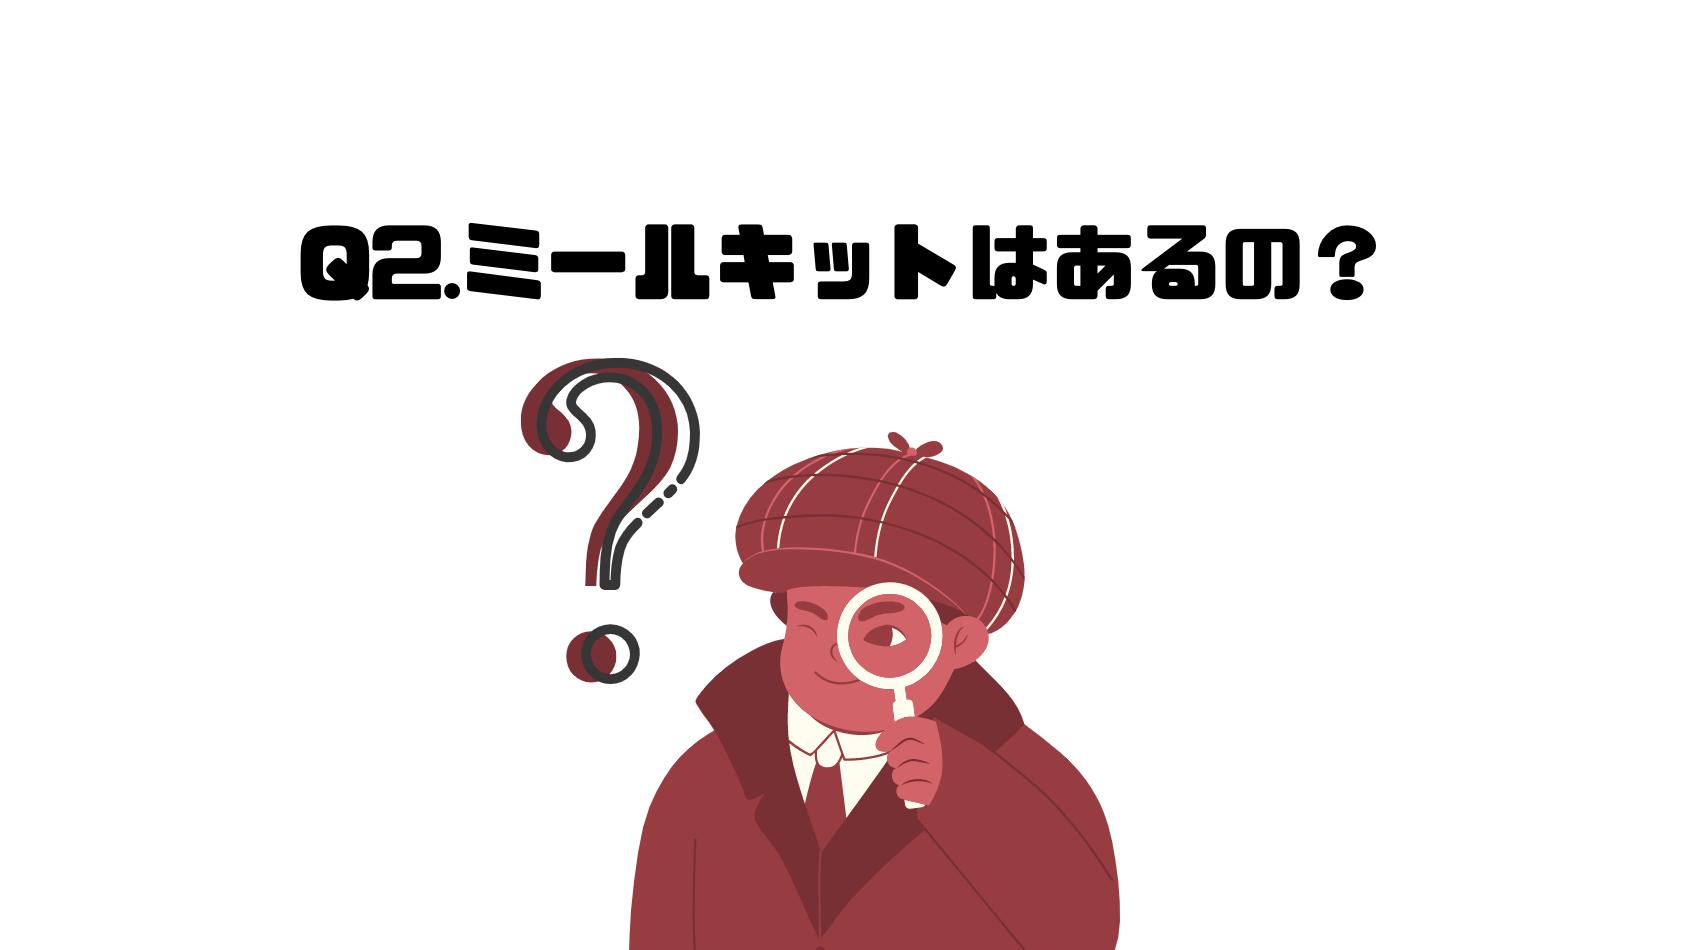 ビオマルシェ_評判_口コミ_よくある質問_ミールキット